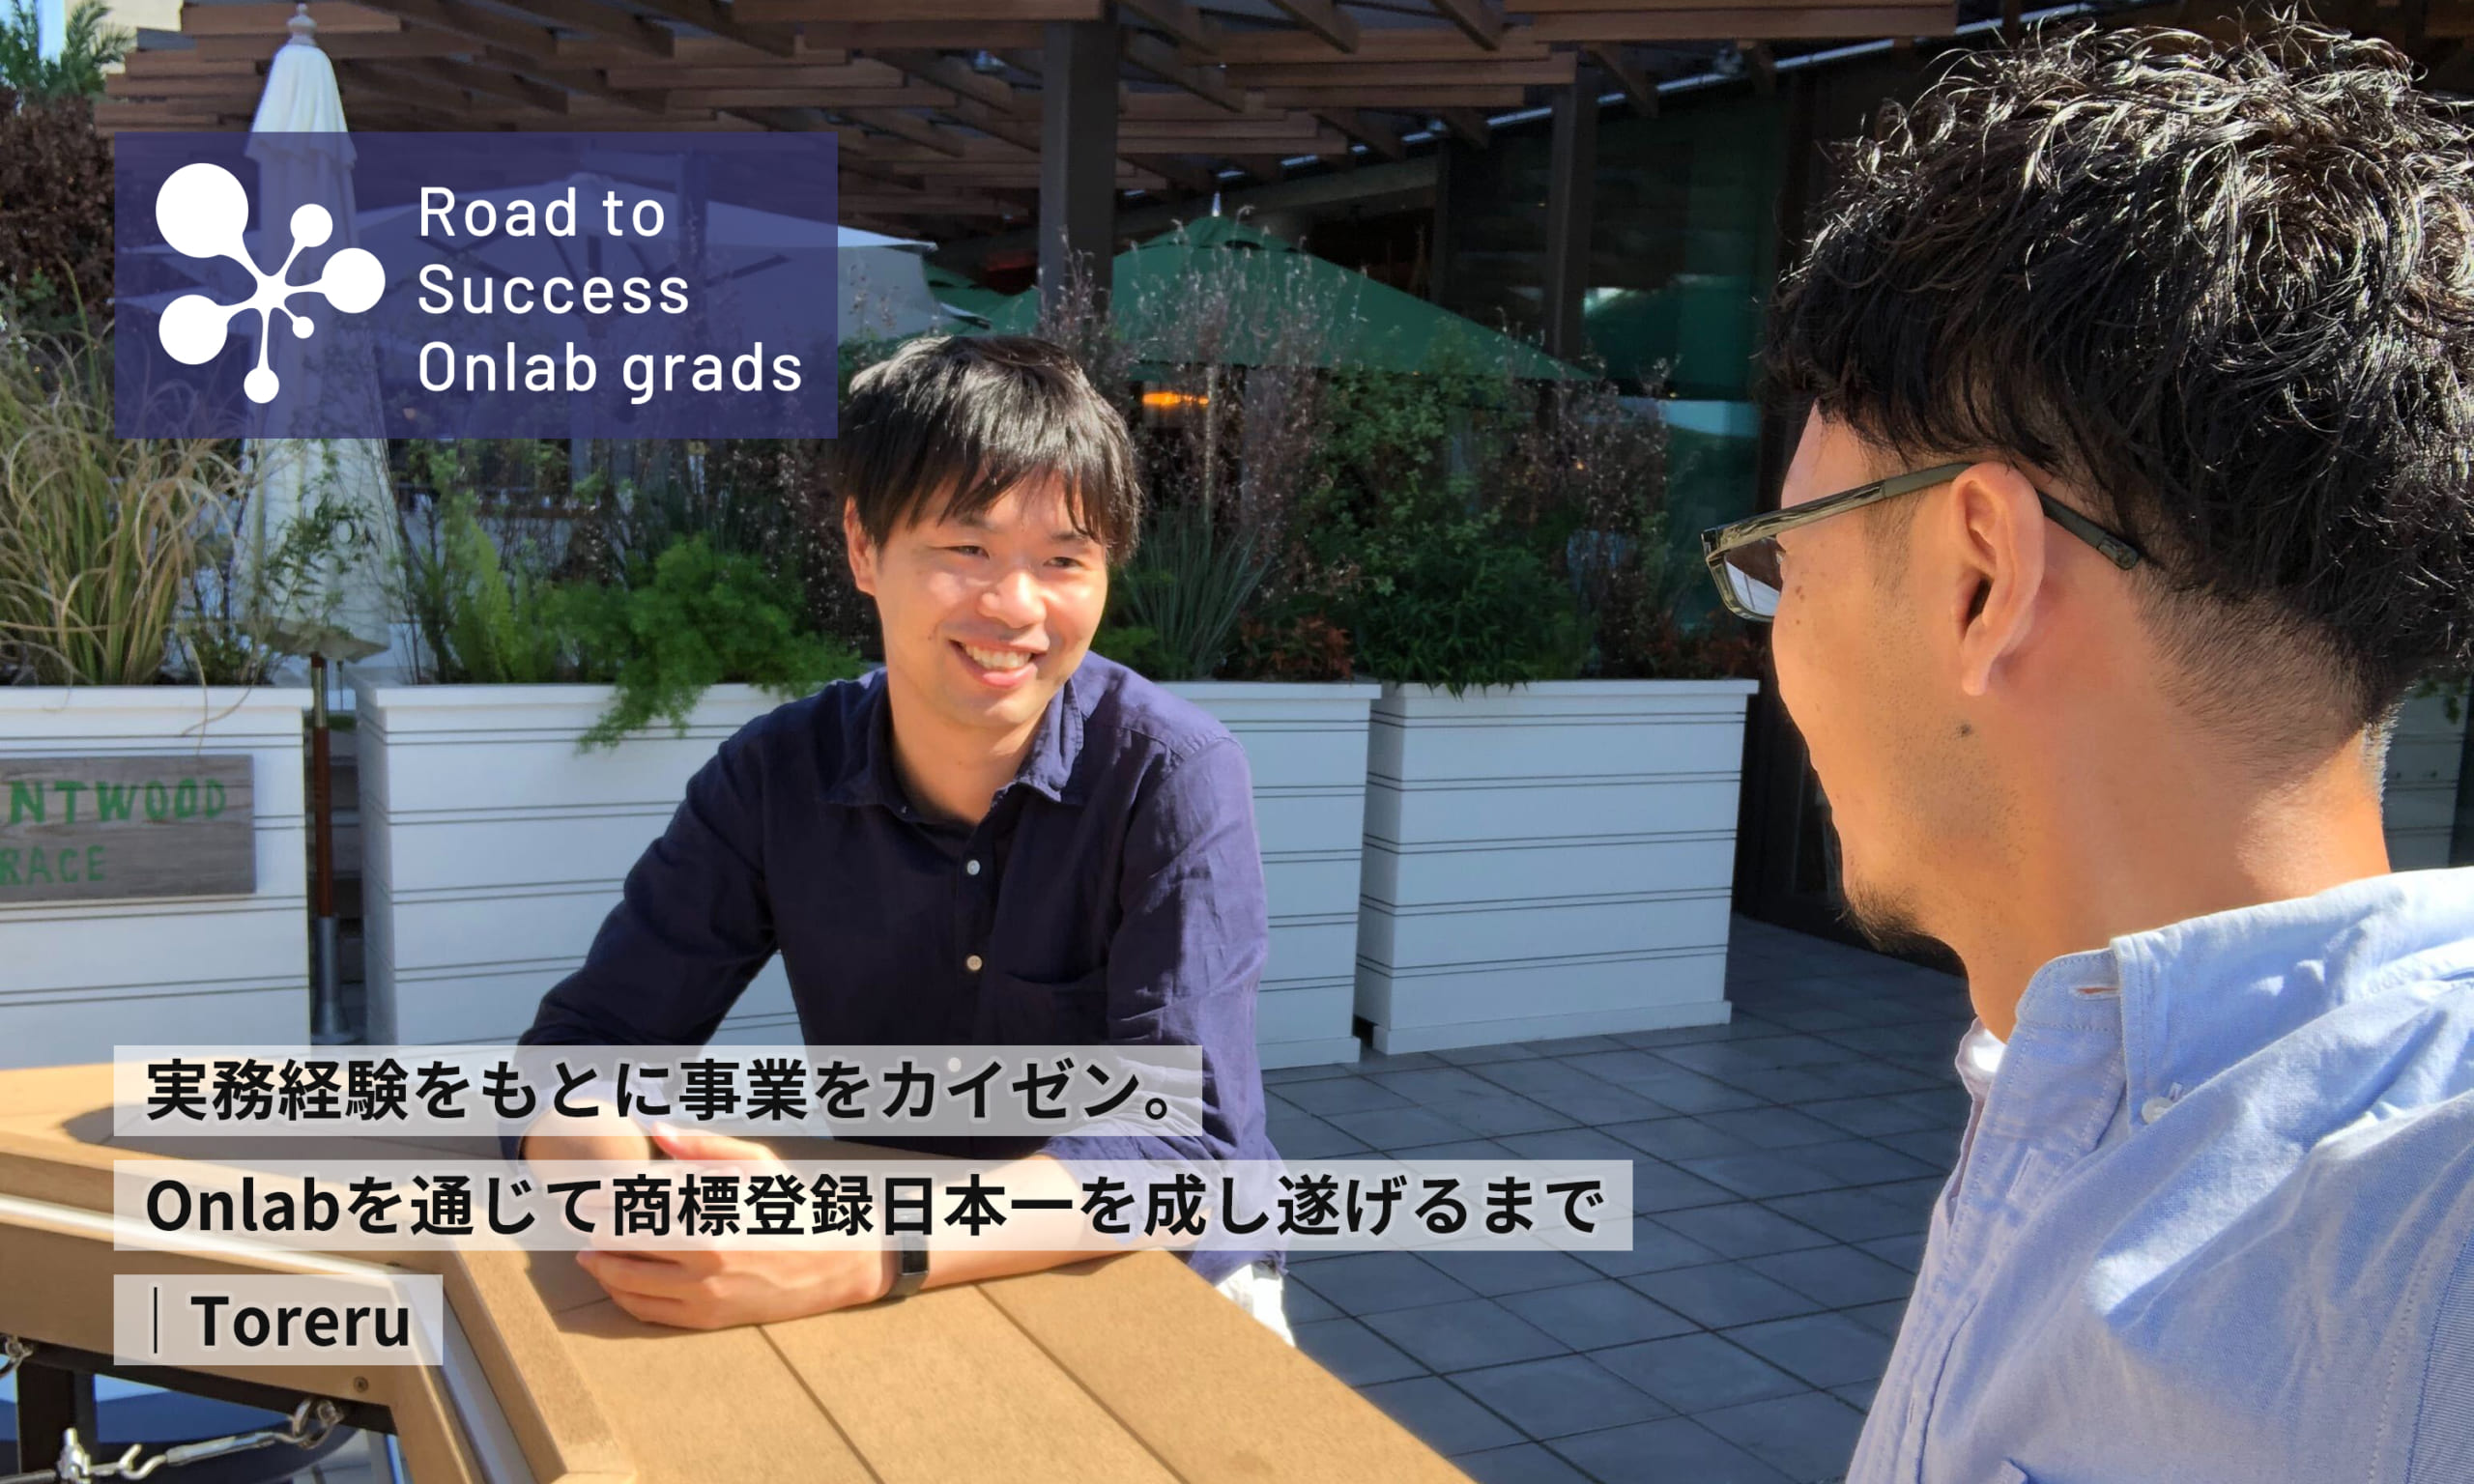 実務経験をもとに事業をカイゼン。Onlabを通じて商標登録日本一を成し遂げるまで|Toreru|Road to Success Onlab grads vol.6